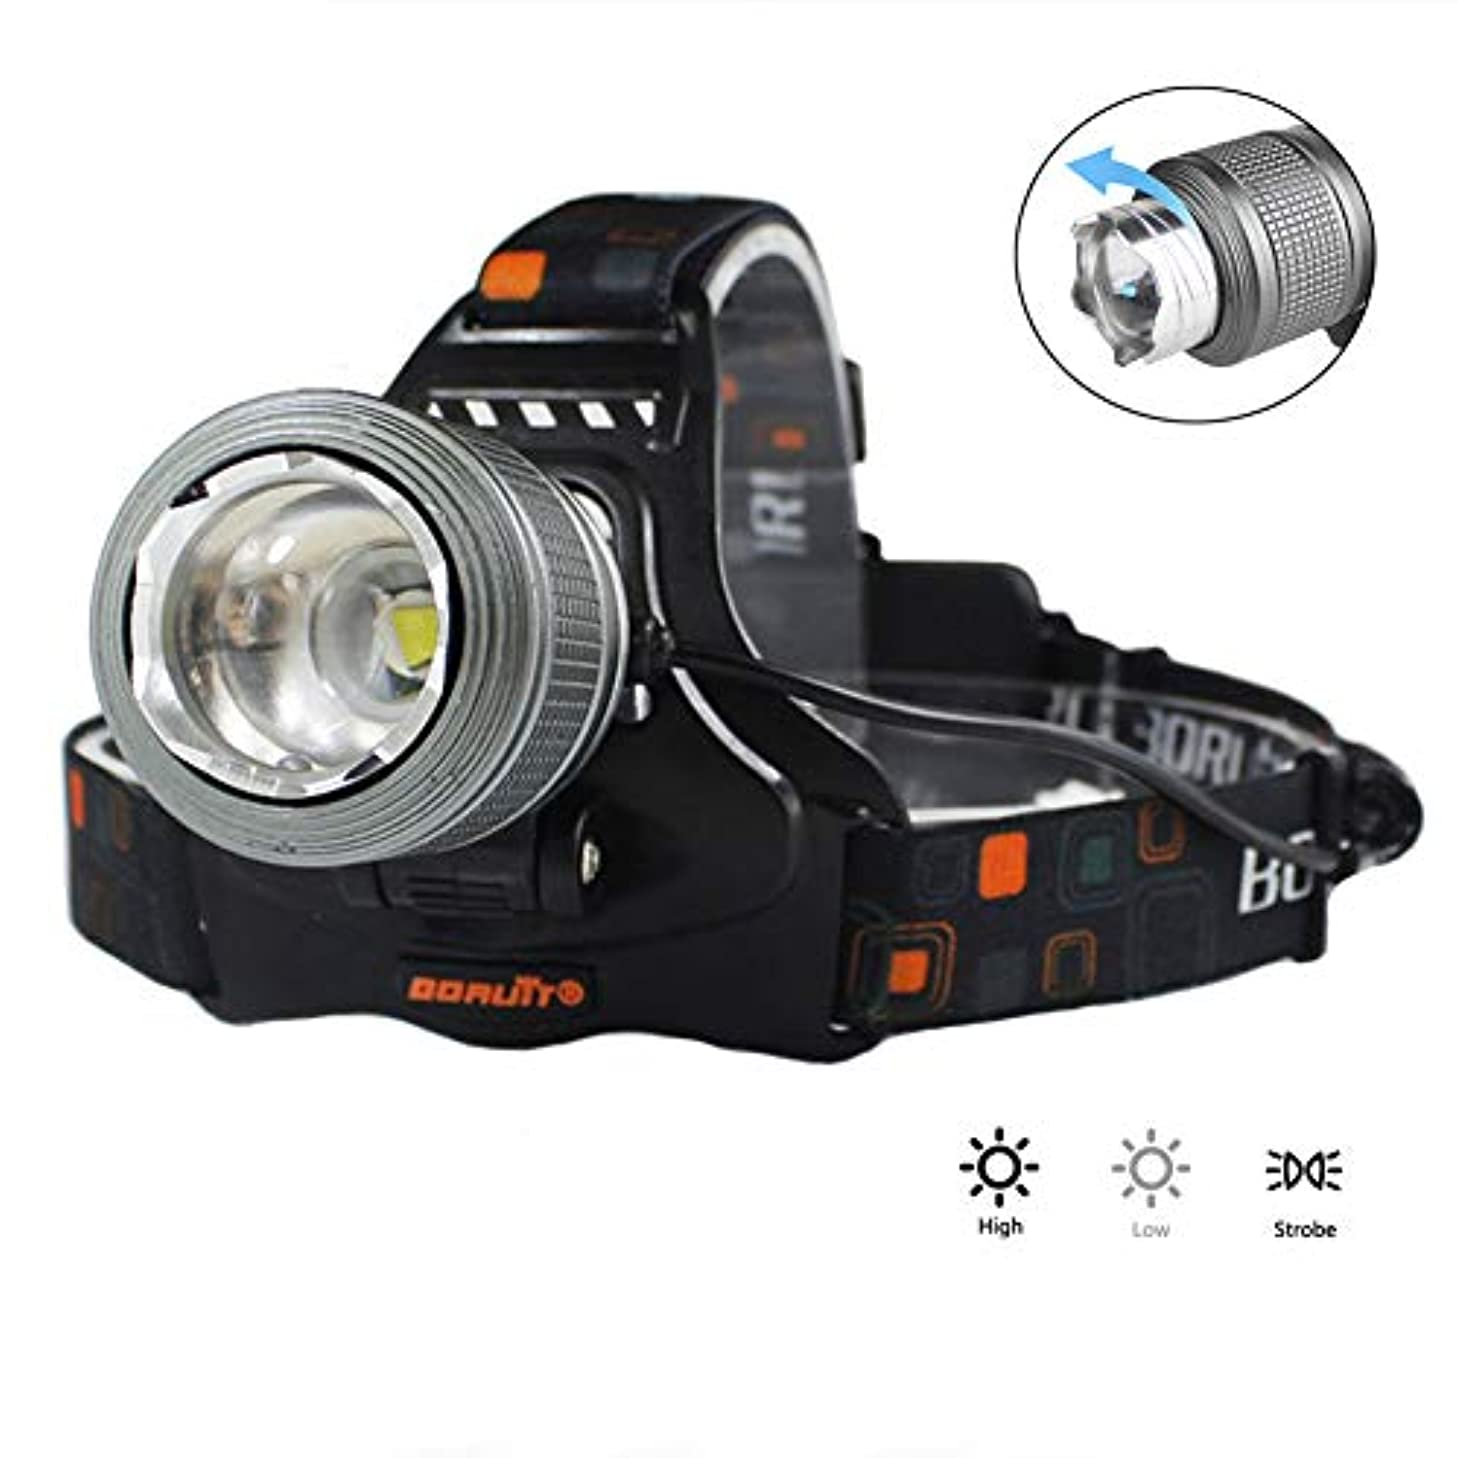 予想する余裕がある最後にLEDヘッドトーチヘッドランプ、ズーム可能な防水USB充電式、90度の角度調整可能360°回転フォーカシング3つのモードキャンプ用、ランニング用、ハイキング用、キッズ用、ウォーカー用ヘッドライト